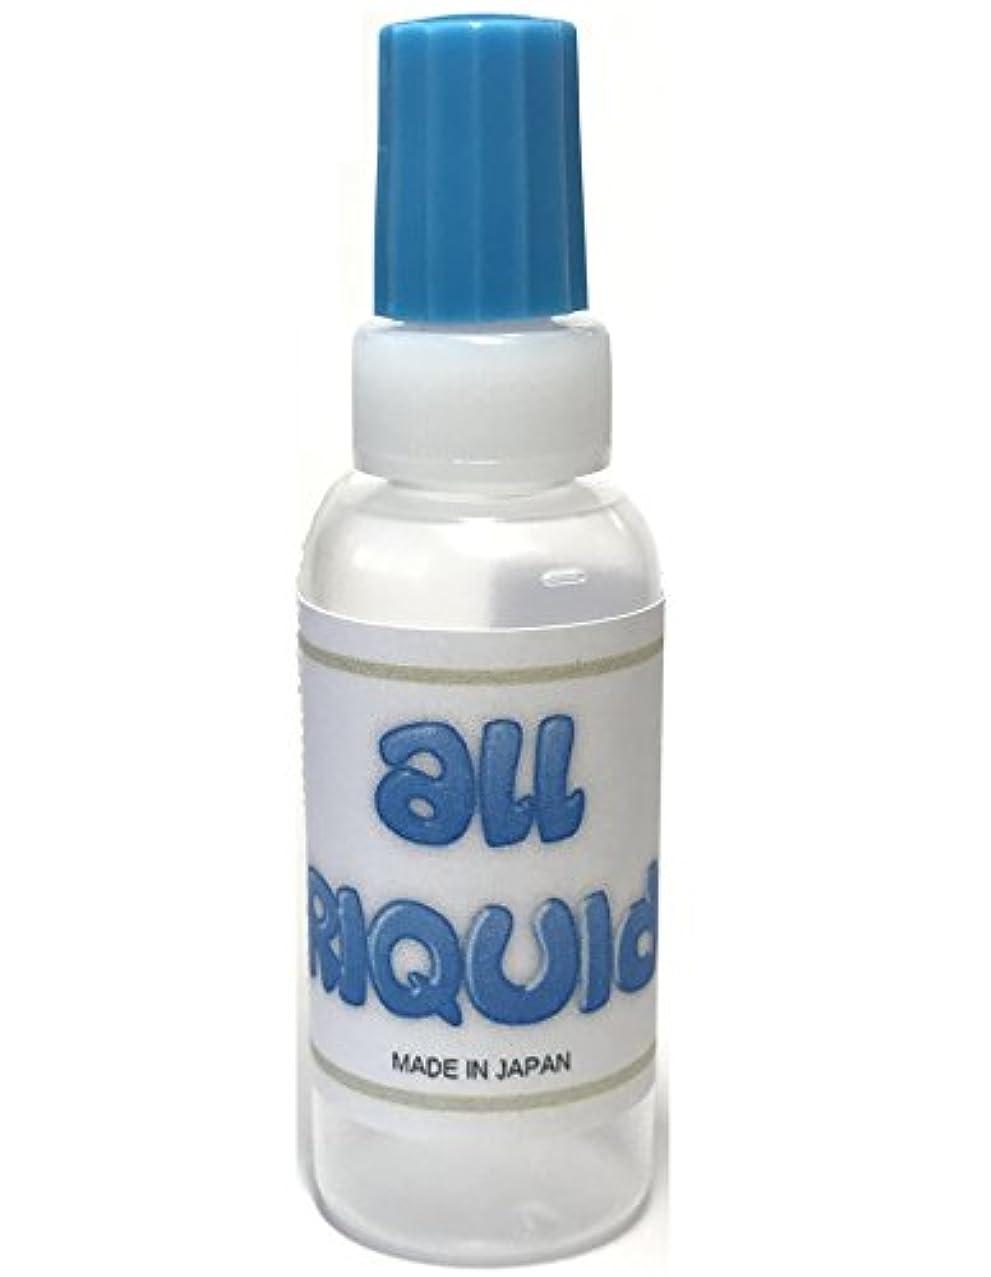 エッセイ仕出します海上(ALL LIQUID) 国産 ココナッツ アロマオイル エッセンシャルオイル 20ml 大容量 ボトル容器